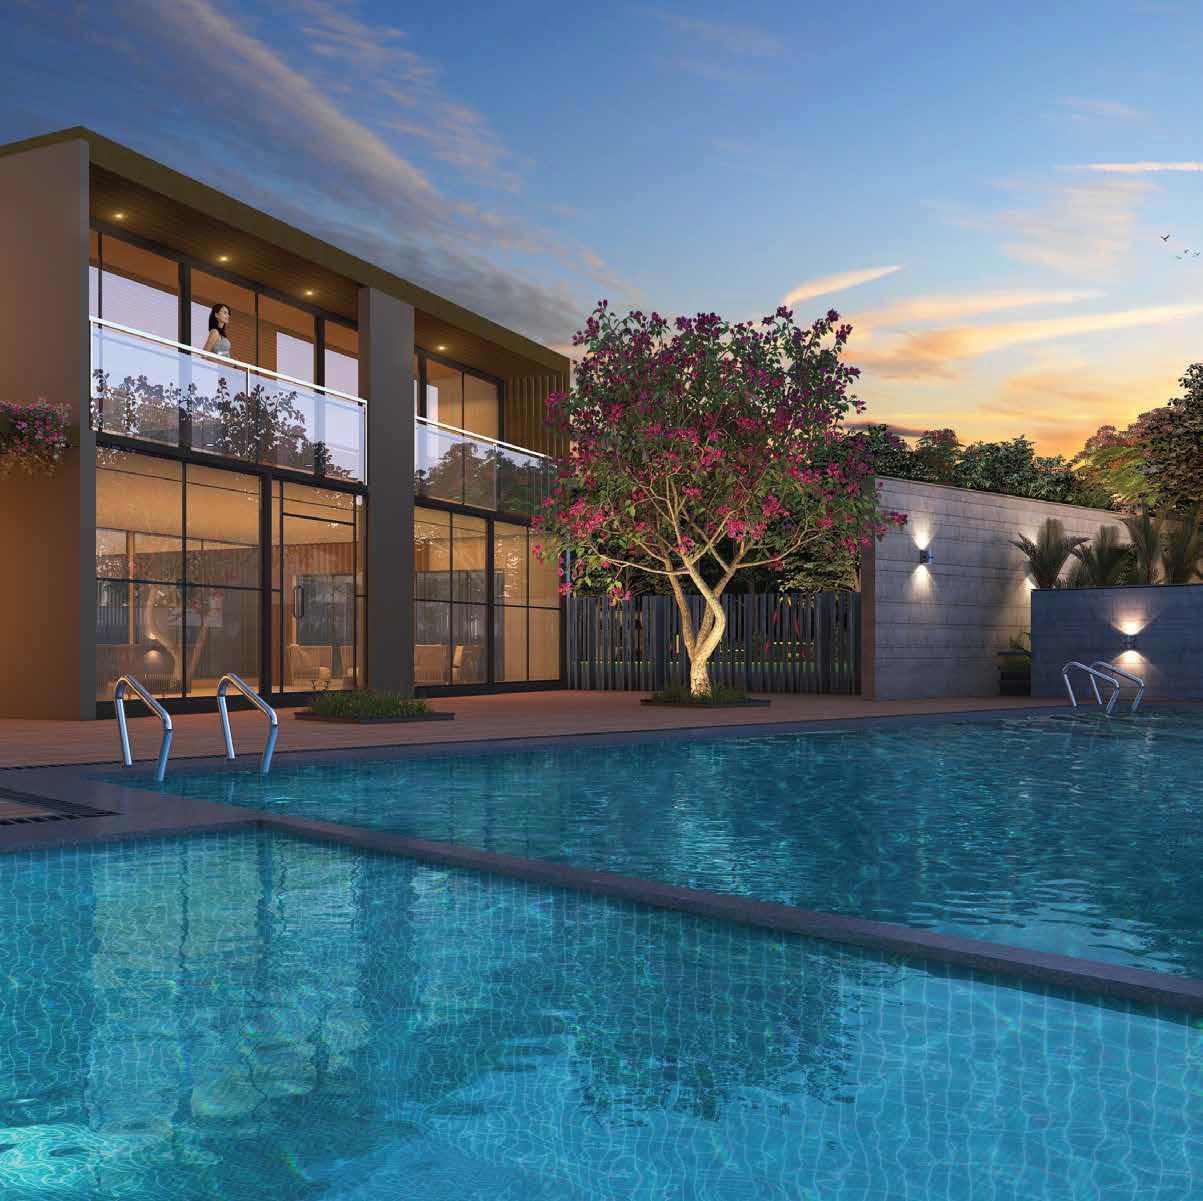 kohinoor sapphire amenities features8